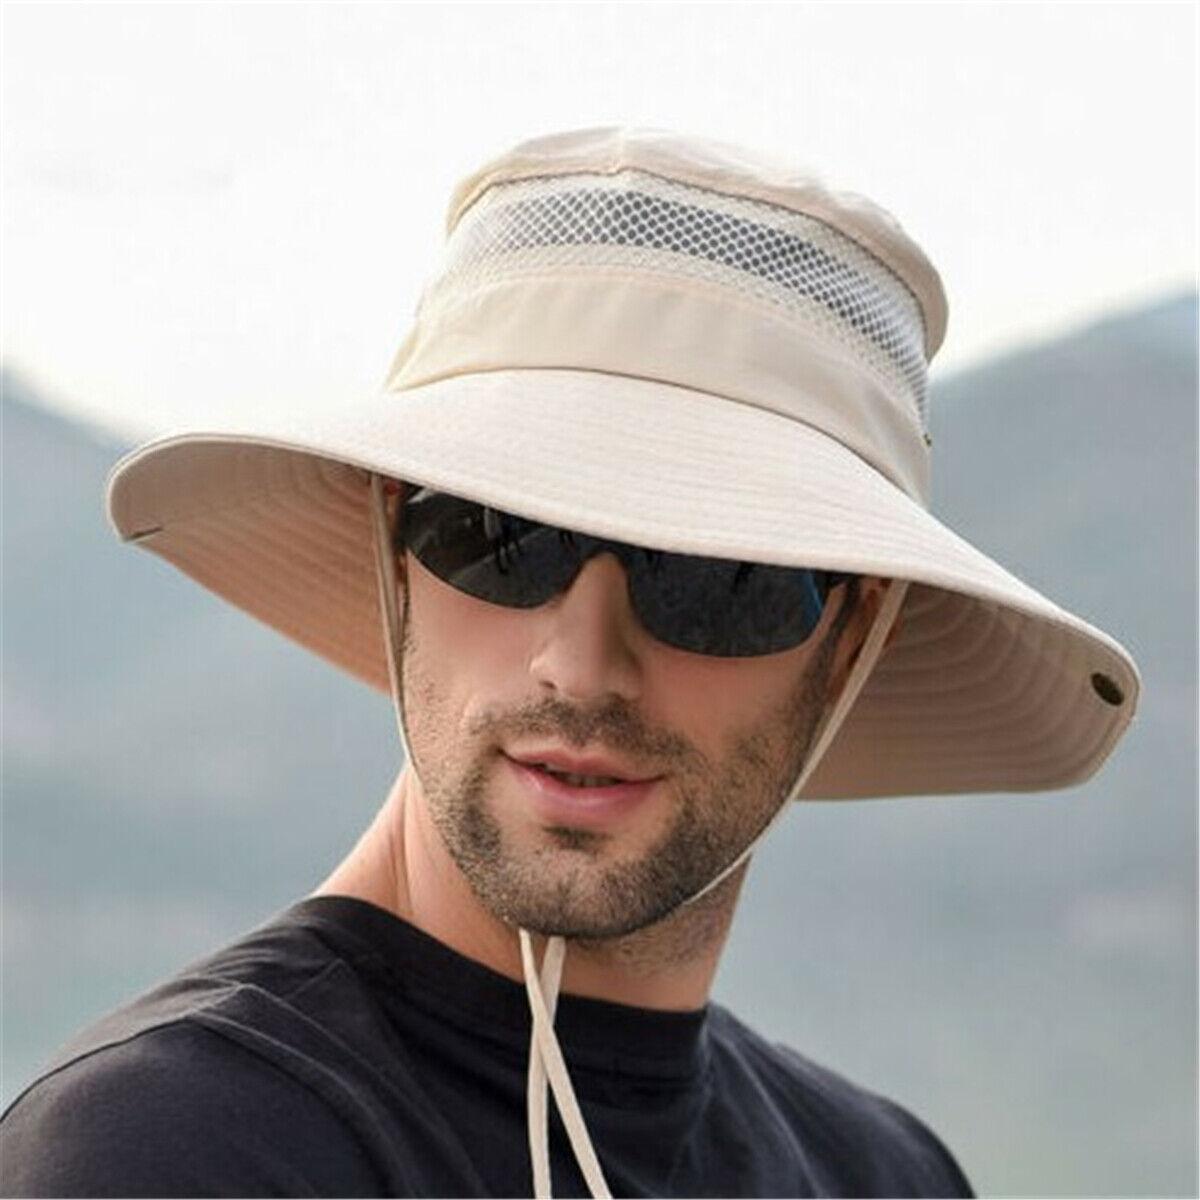 arktischer Sommer atmungsaktive Mütze UV-Schutz Unisex Sonnenschutz Kühlkappen